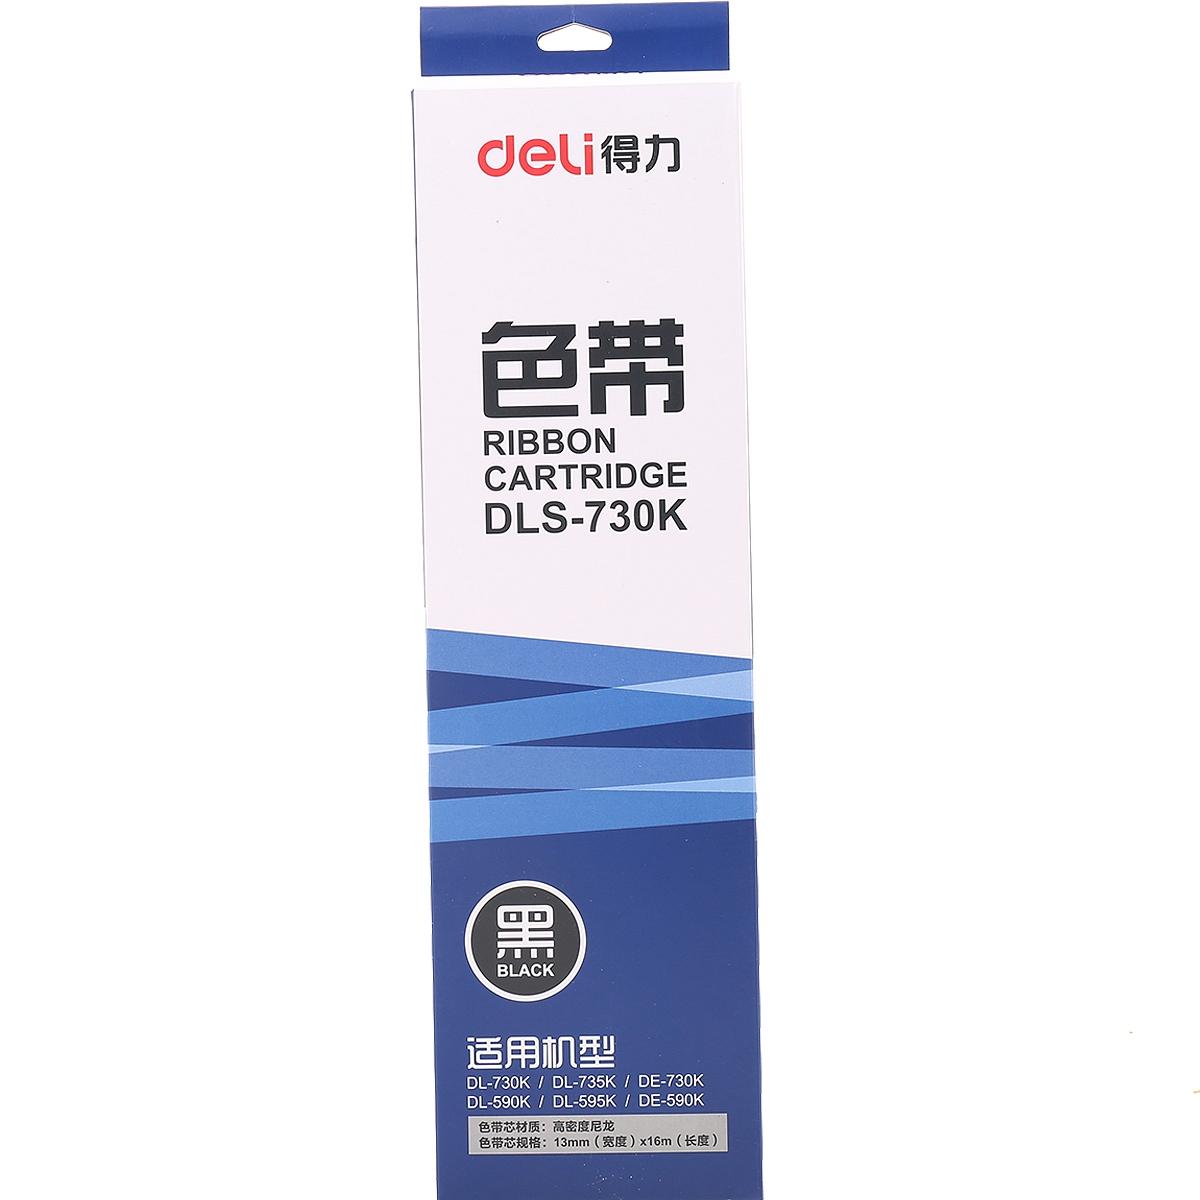 得力 DLS-730K 色带 黑色13mmx16m (单位:个)(适用DL-730 DL-735)